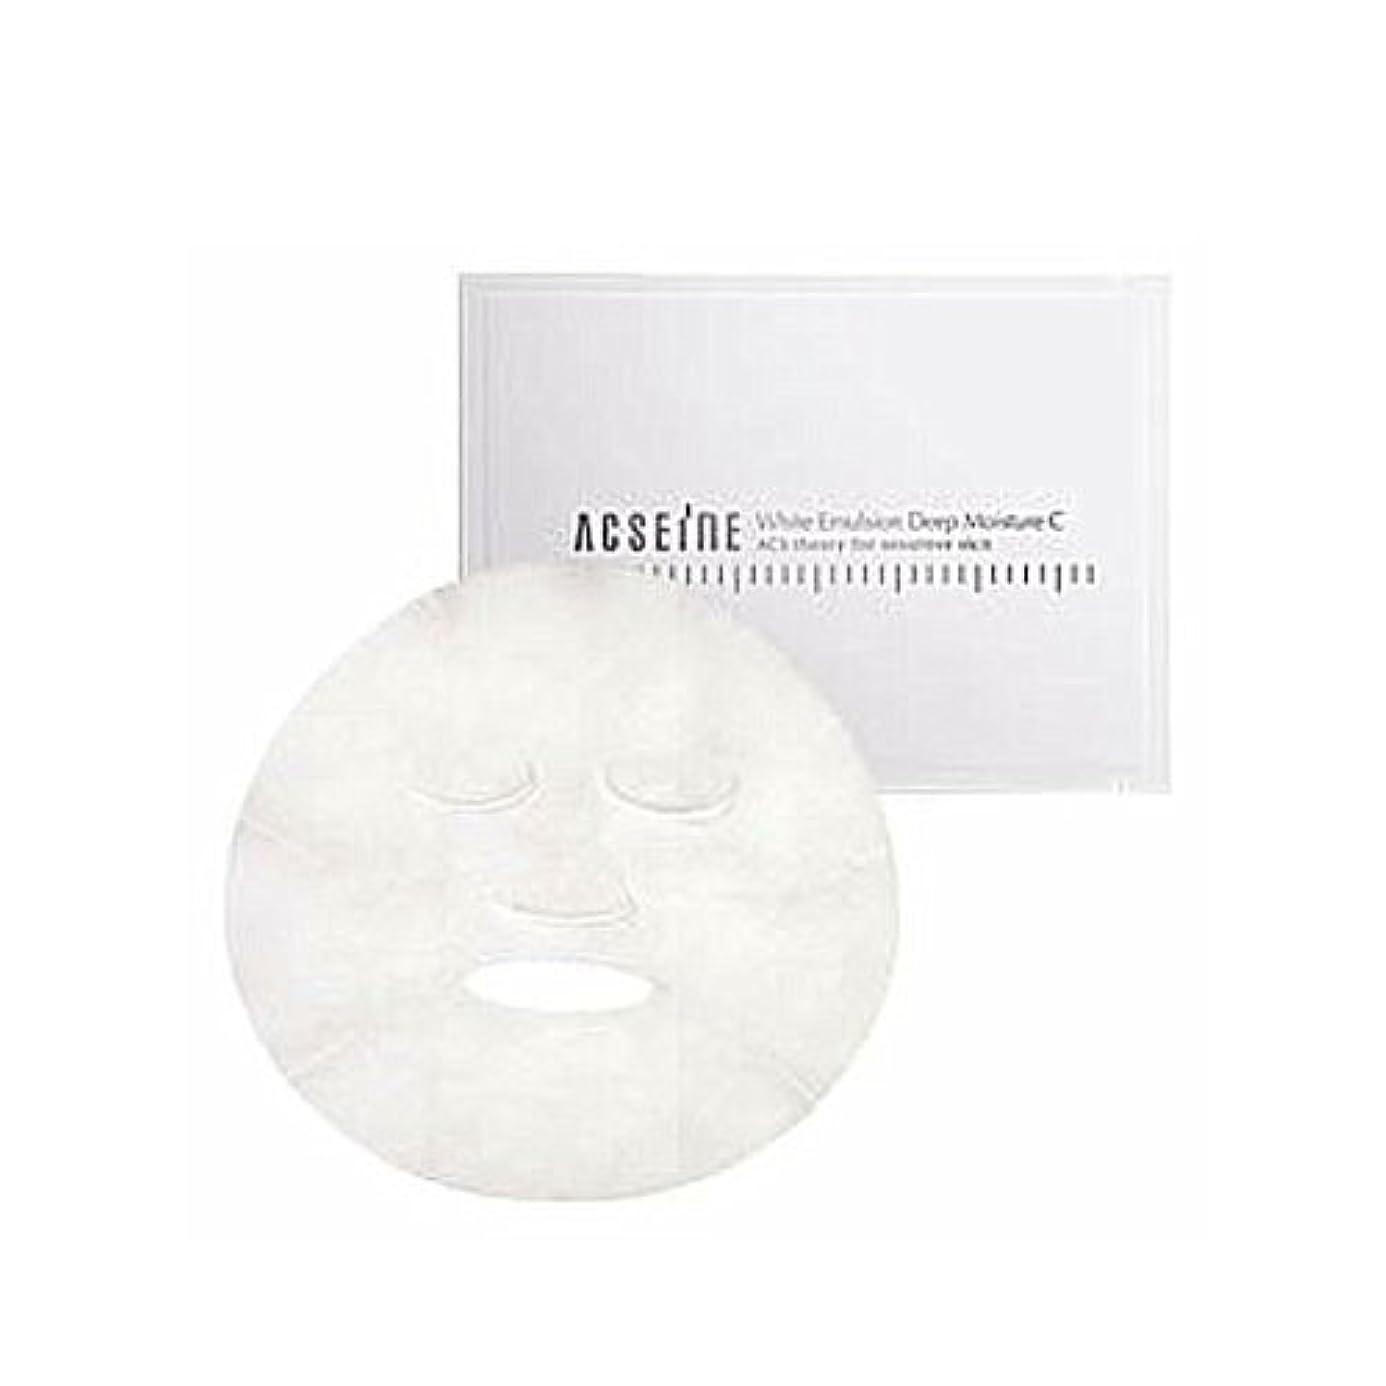 泣く意味のある勧告アクセーヌ ホワイト エマルジョン ディープ モイスチュア C マスク 22mL×8枚